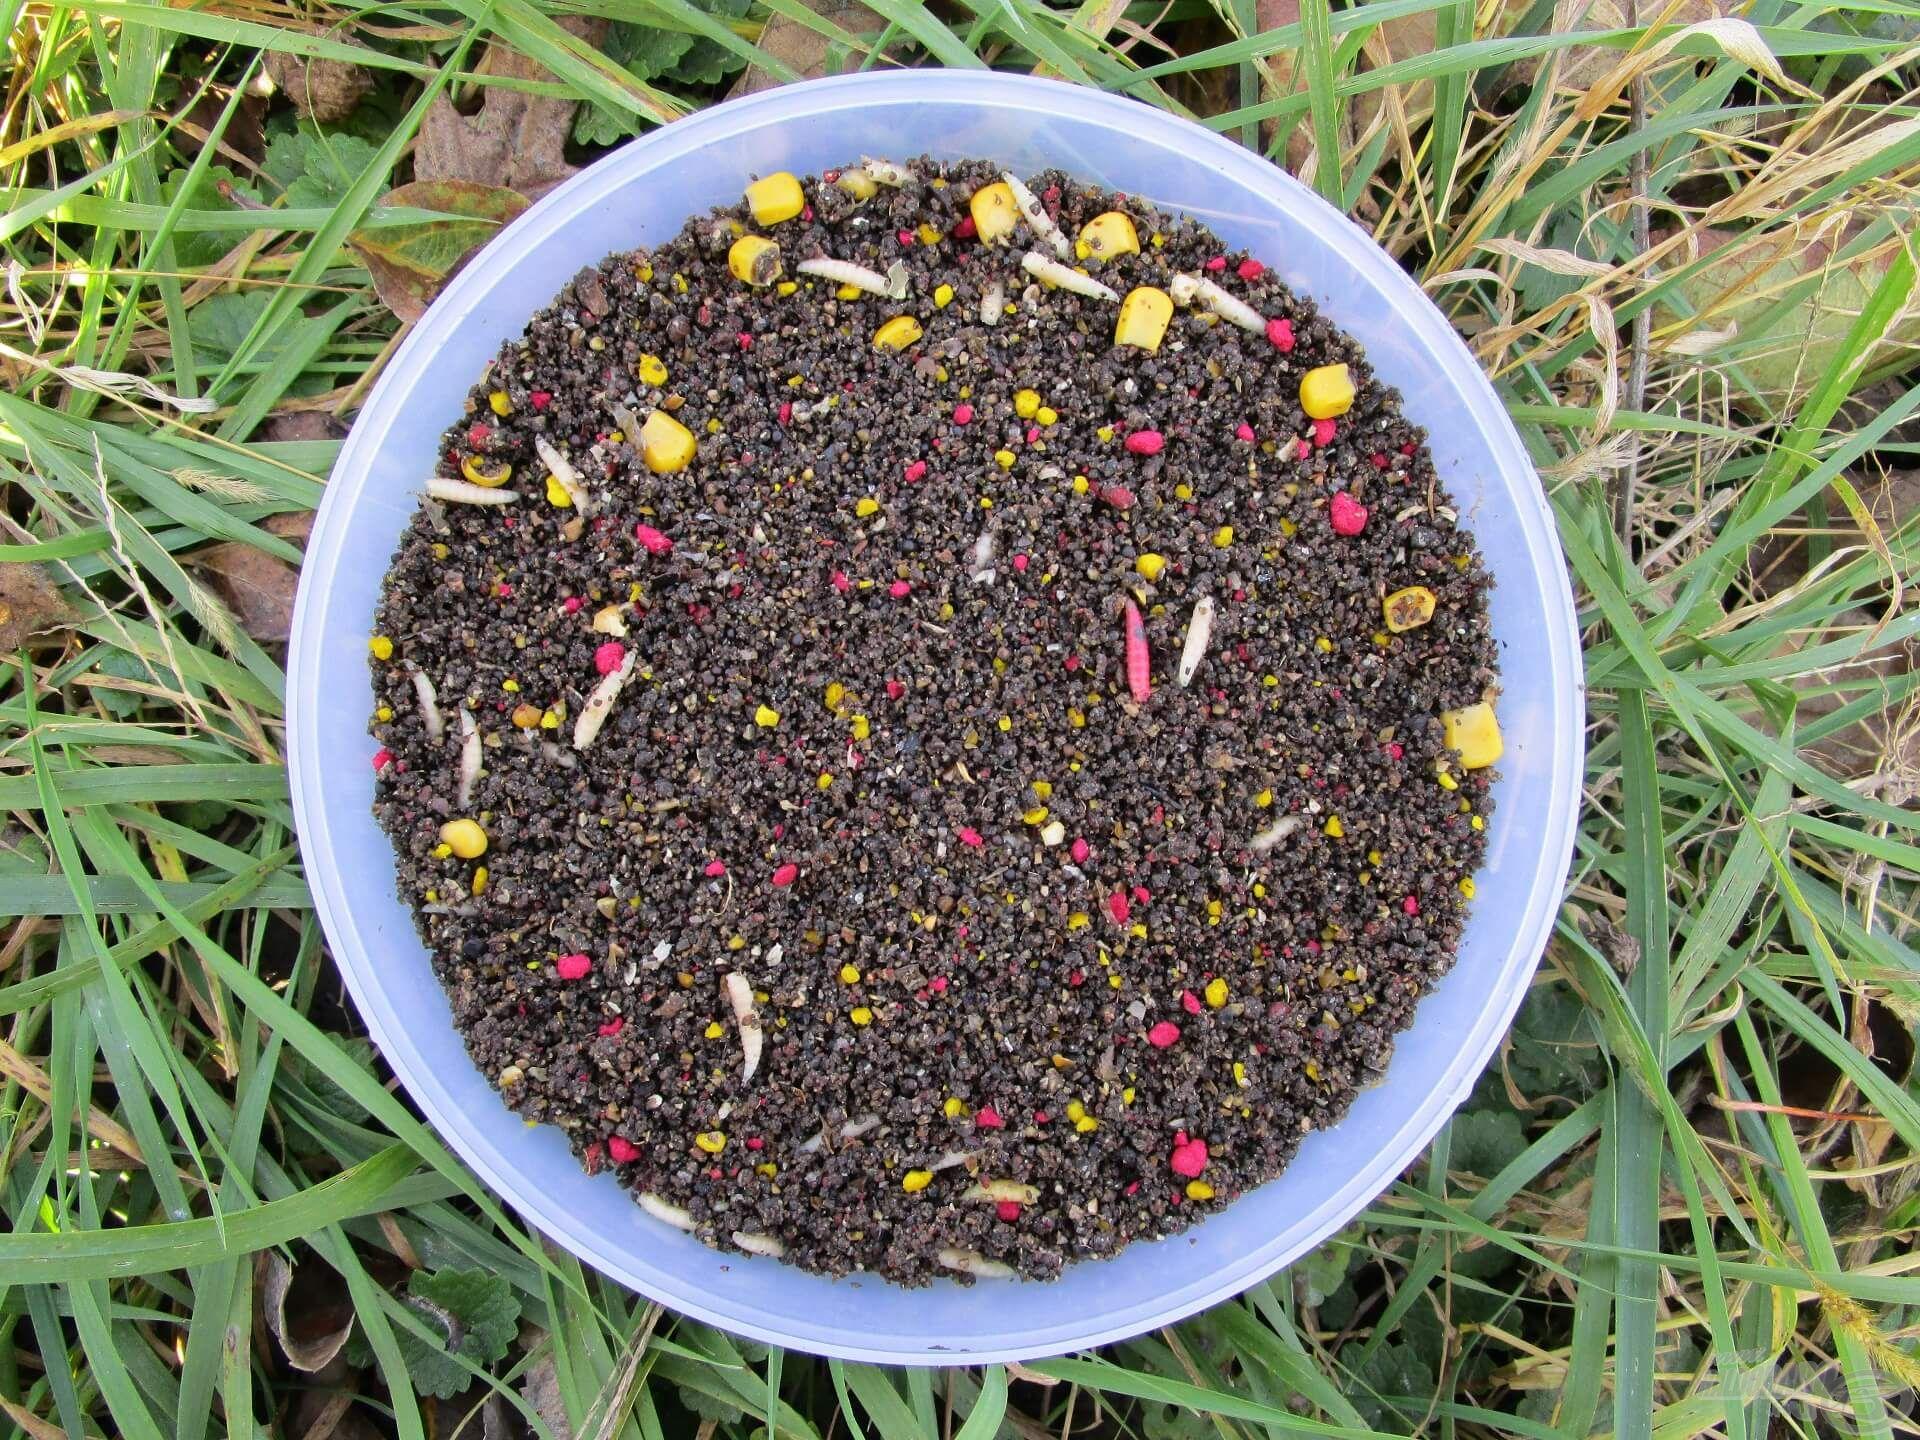 A Mézes Pálinka etetőanyagot különleges aromája miatt szoktam használni. Keszegre, pontyra és amurra is kiváló. A Pelletes Feketével keverve szintén eredményesen használható